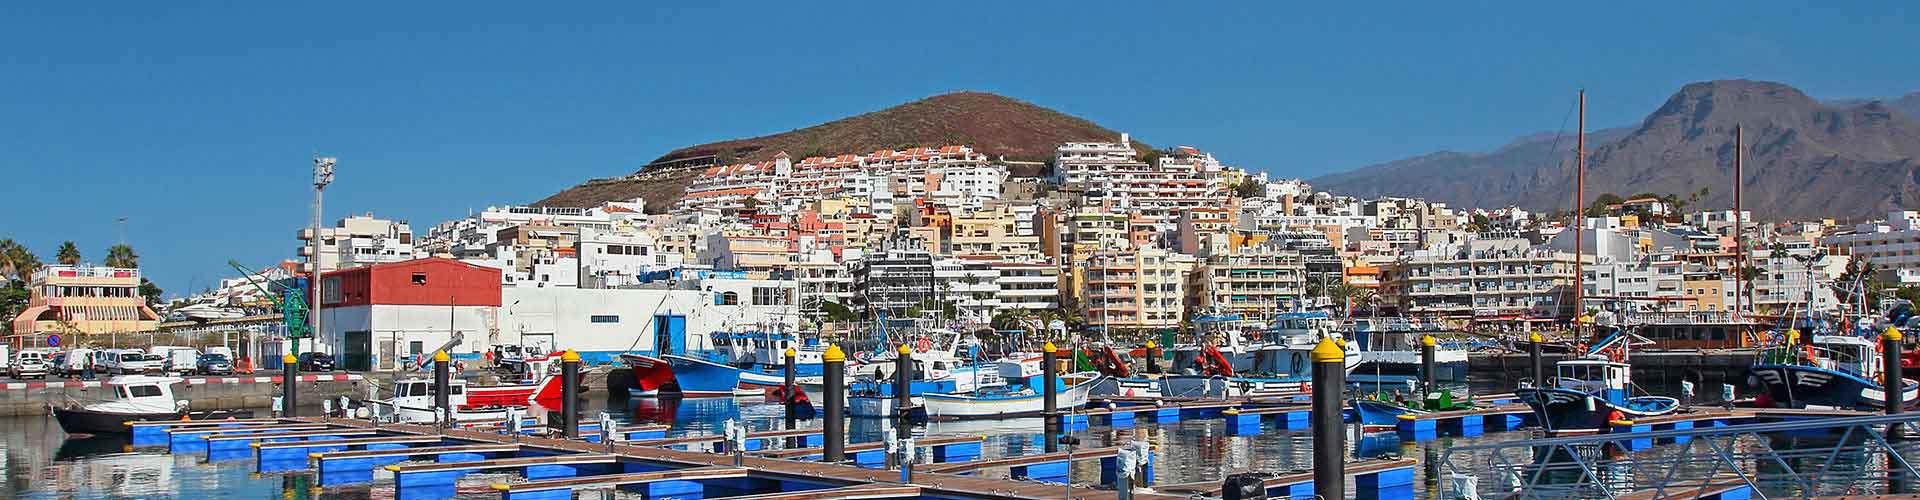 Tenerife - Campamentos en Tenerife. Mapas de Tenerife, Fotos y comentarios de cada Campamento en Tenerife.